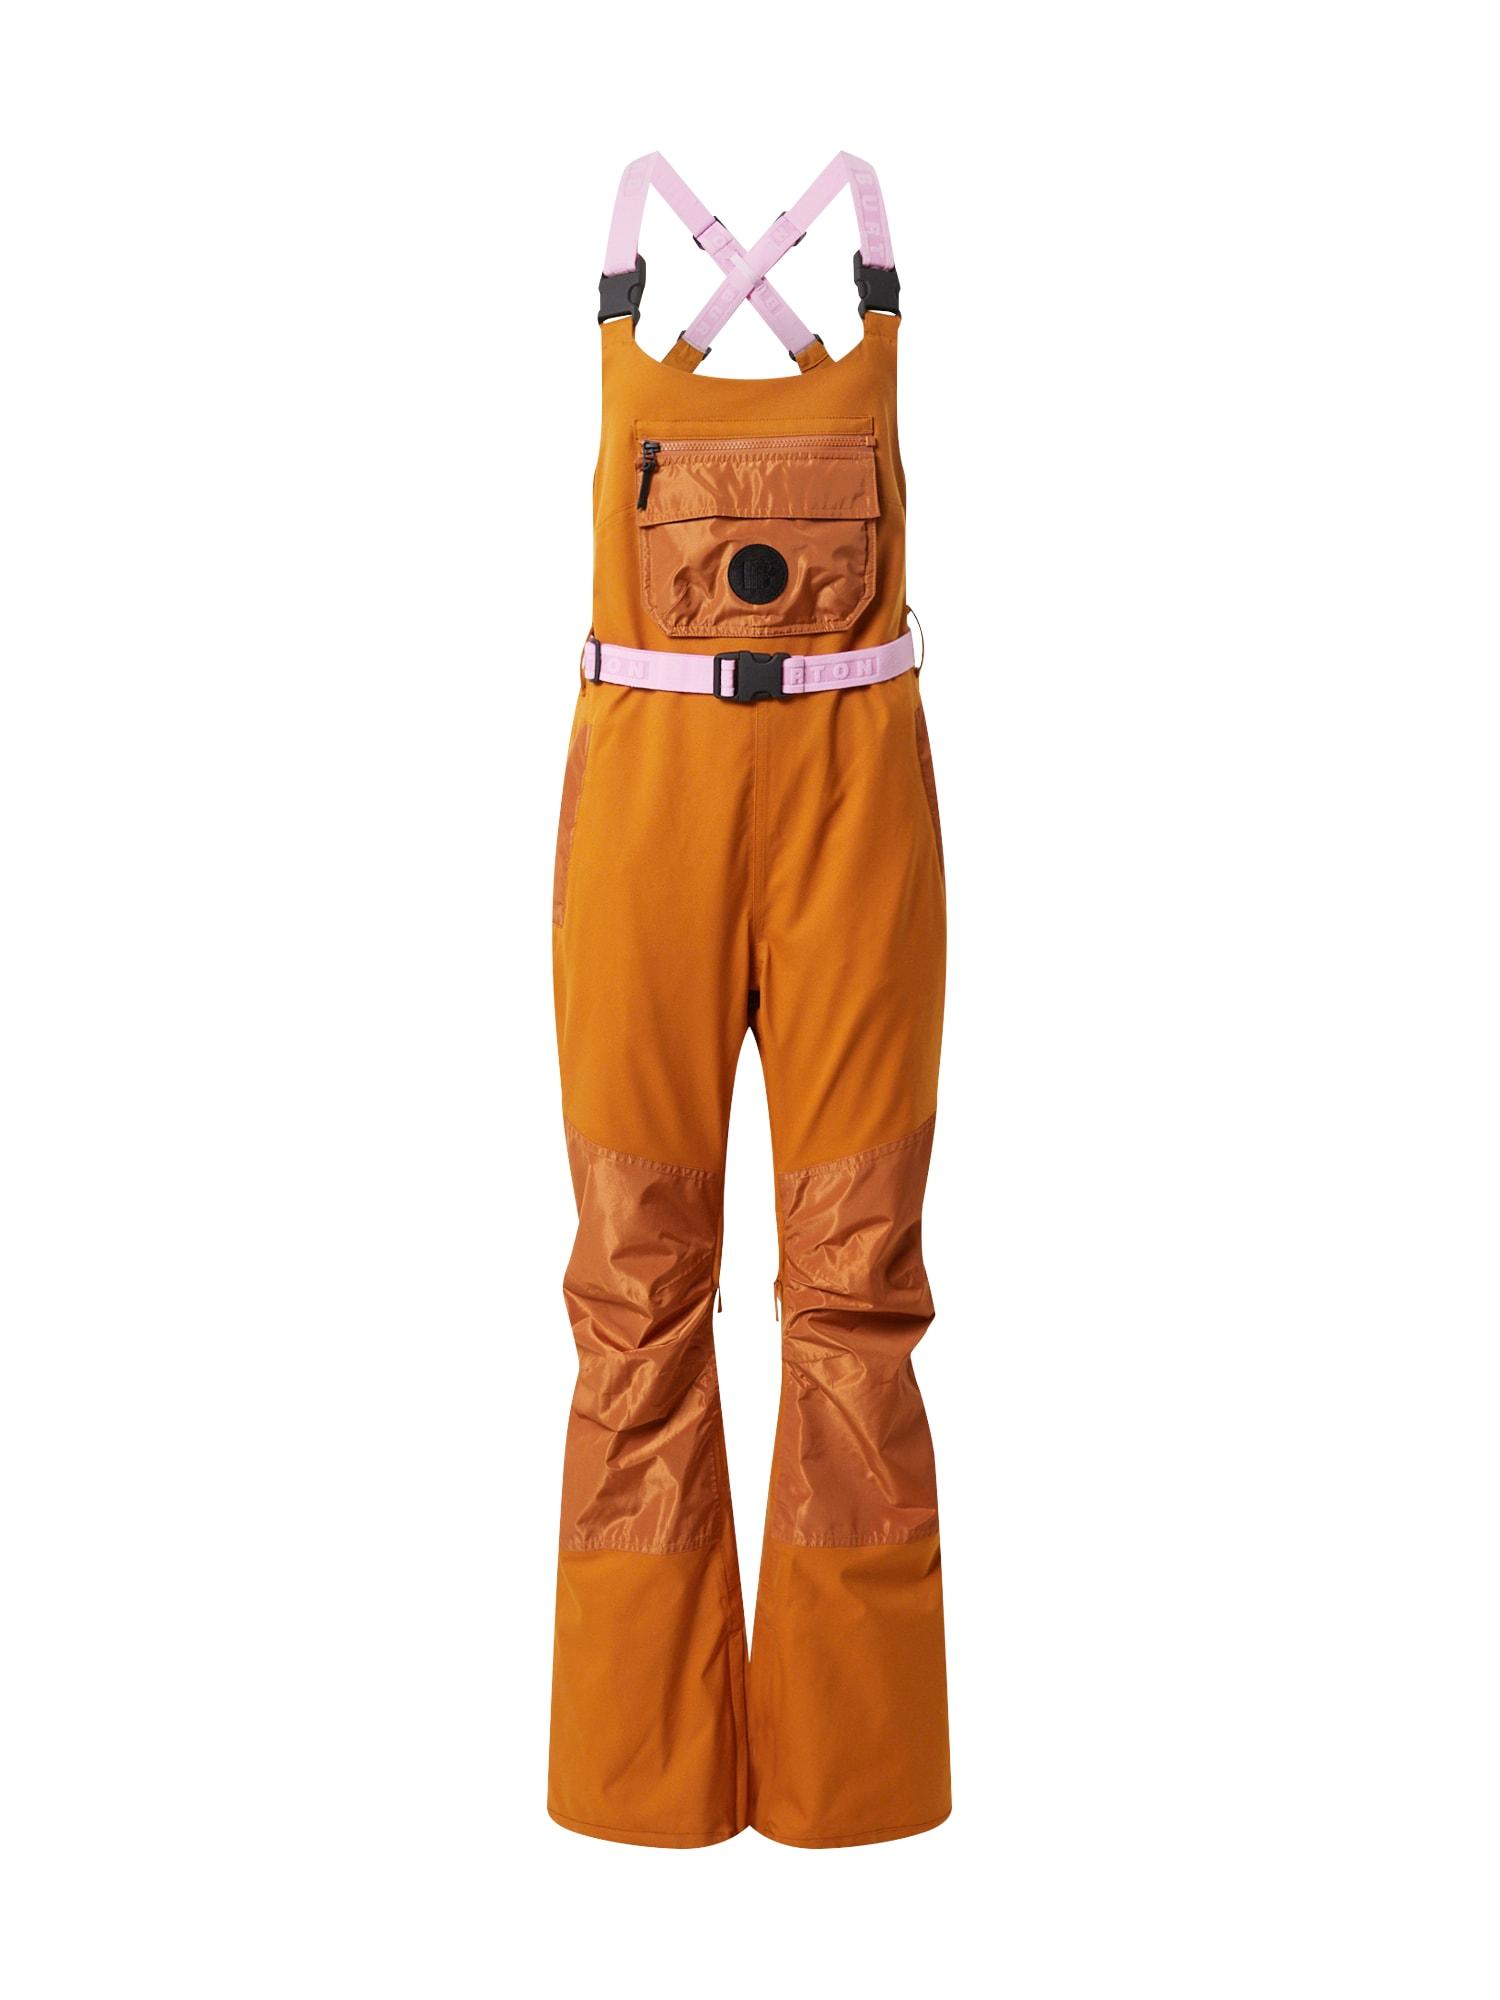 BURTON Outdoorové kalhoty 'Larosa'  koňaková / světle hnědá / světle růžová / černá